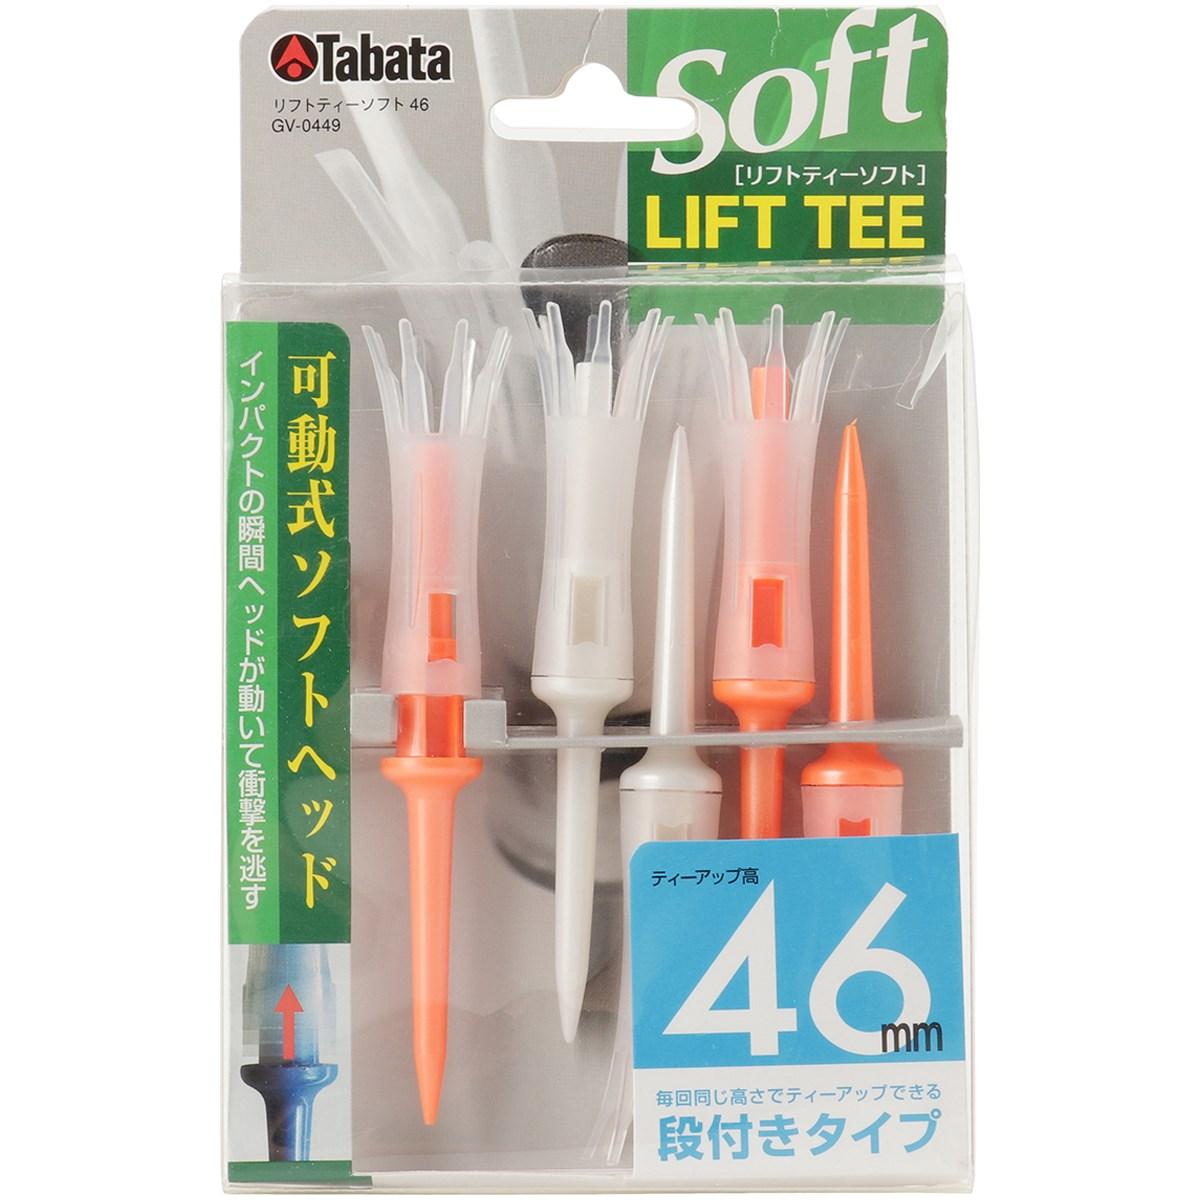 タバタ Tabata リフトティーソフト(超ロング) GV-0449 パールフラッシュオレンジ